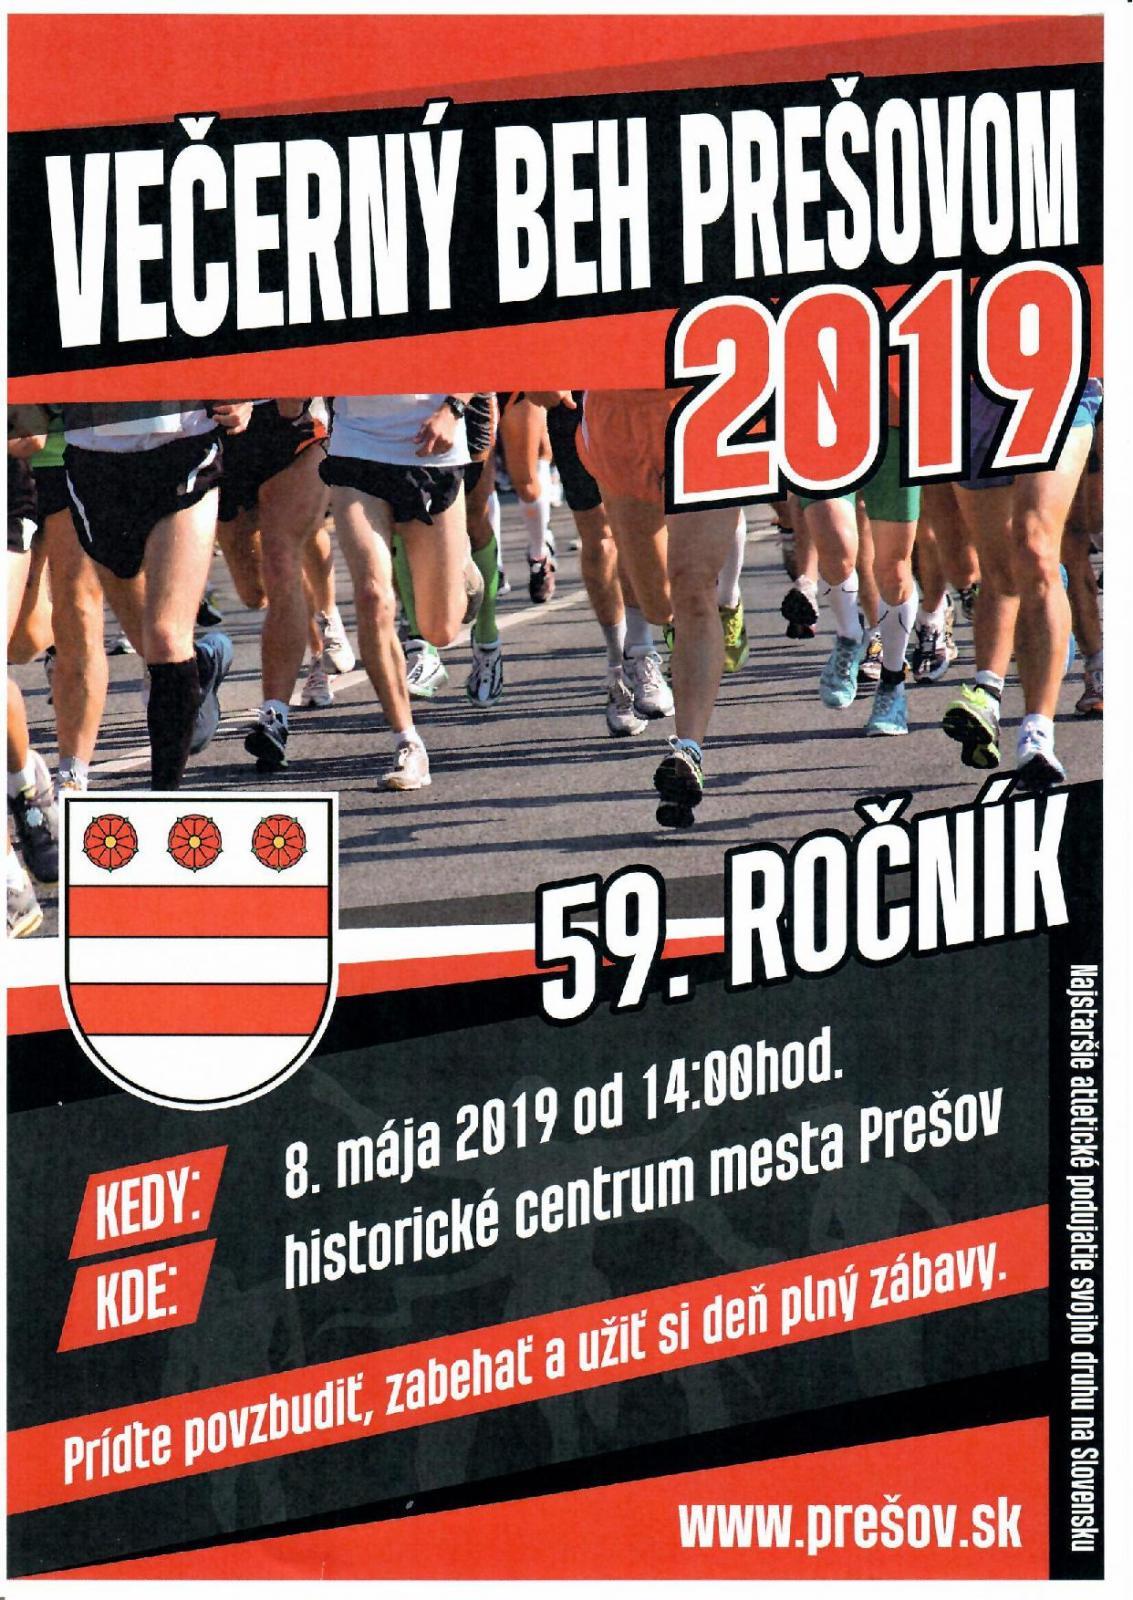 72c385fd47642 Večerný beh Prešovom v stredu 8. mája. V akcii budú bežci, korčuliari aj